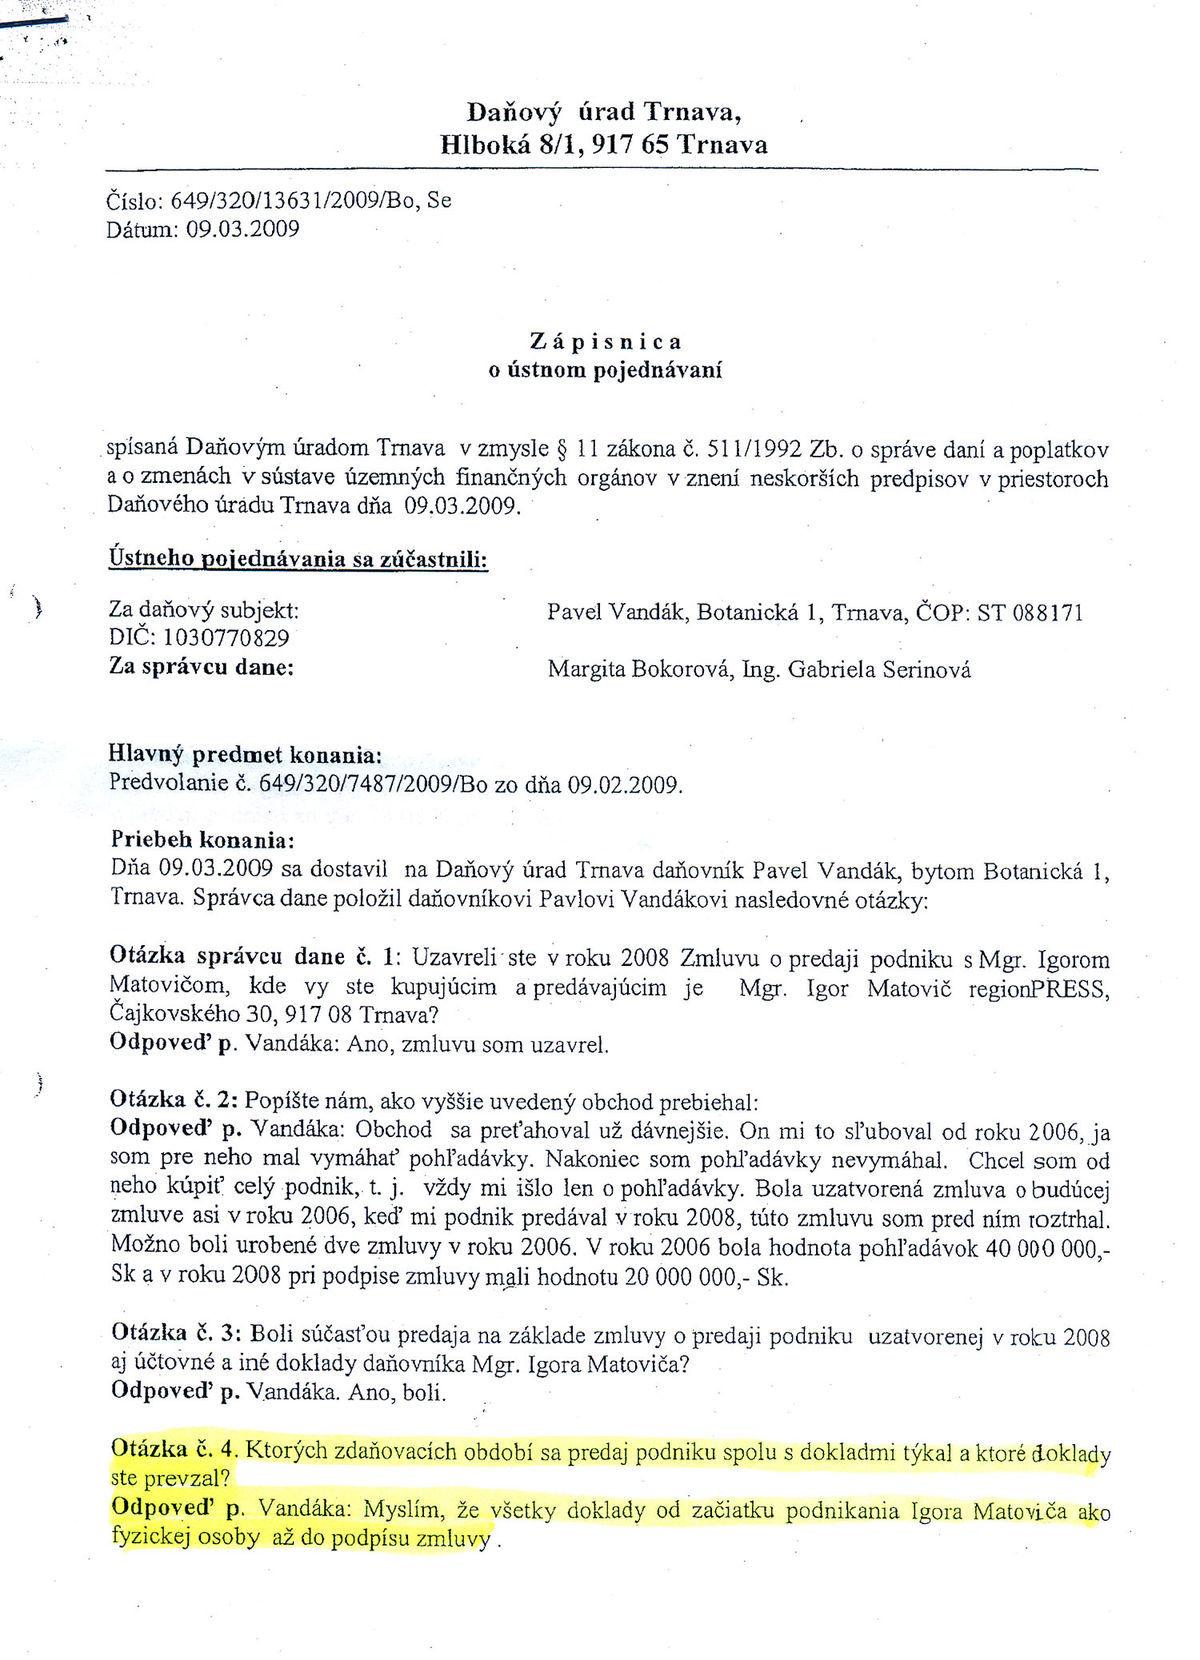 Zápisnica o ústnom pojednávaní, daňový úrad Trnava, strana 1.